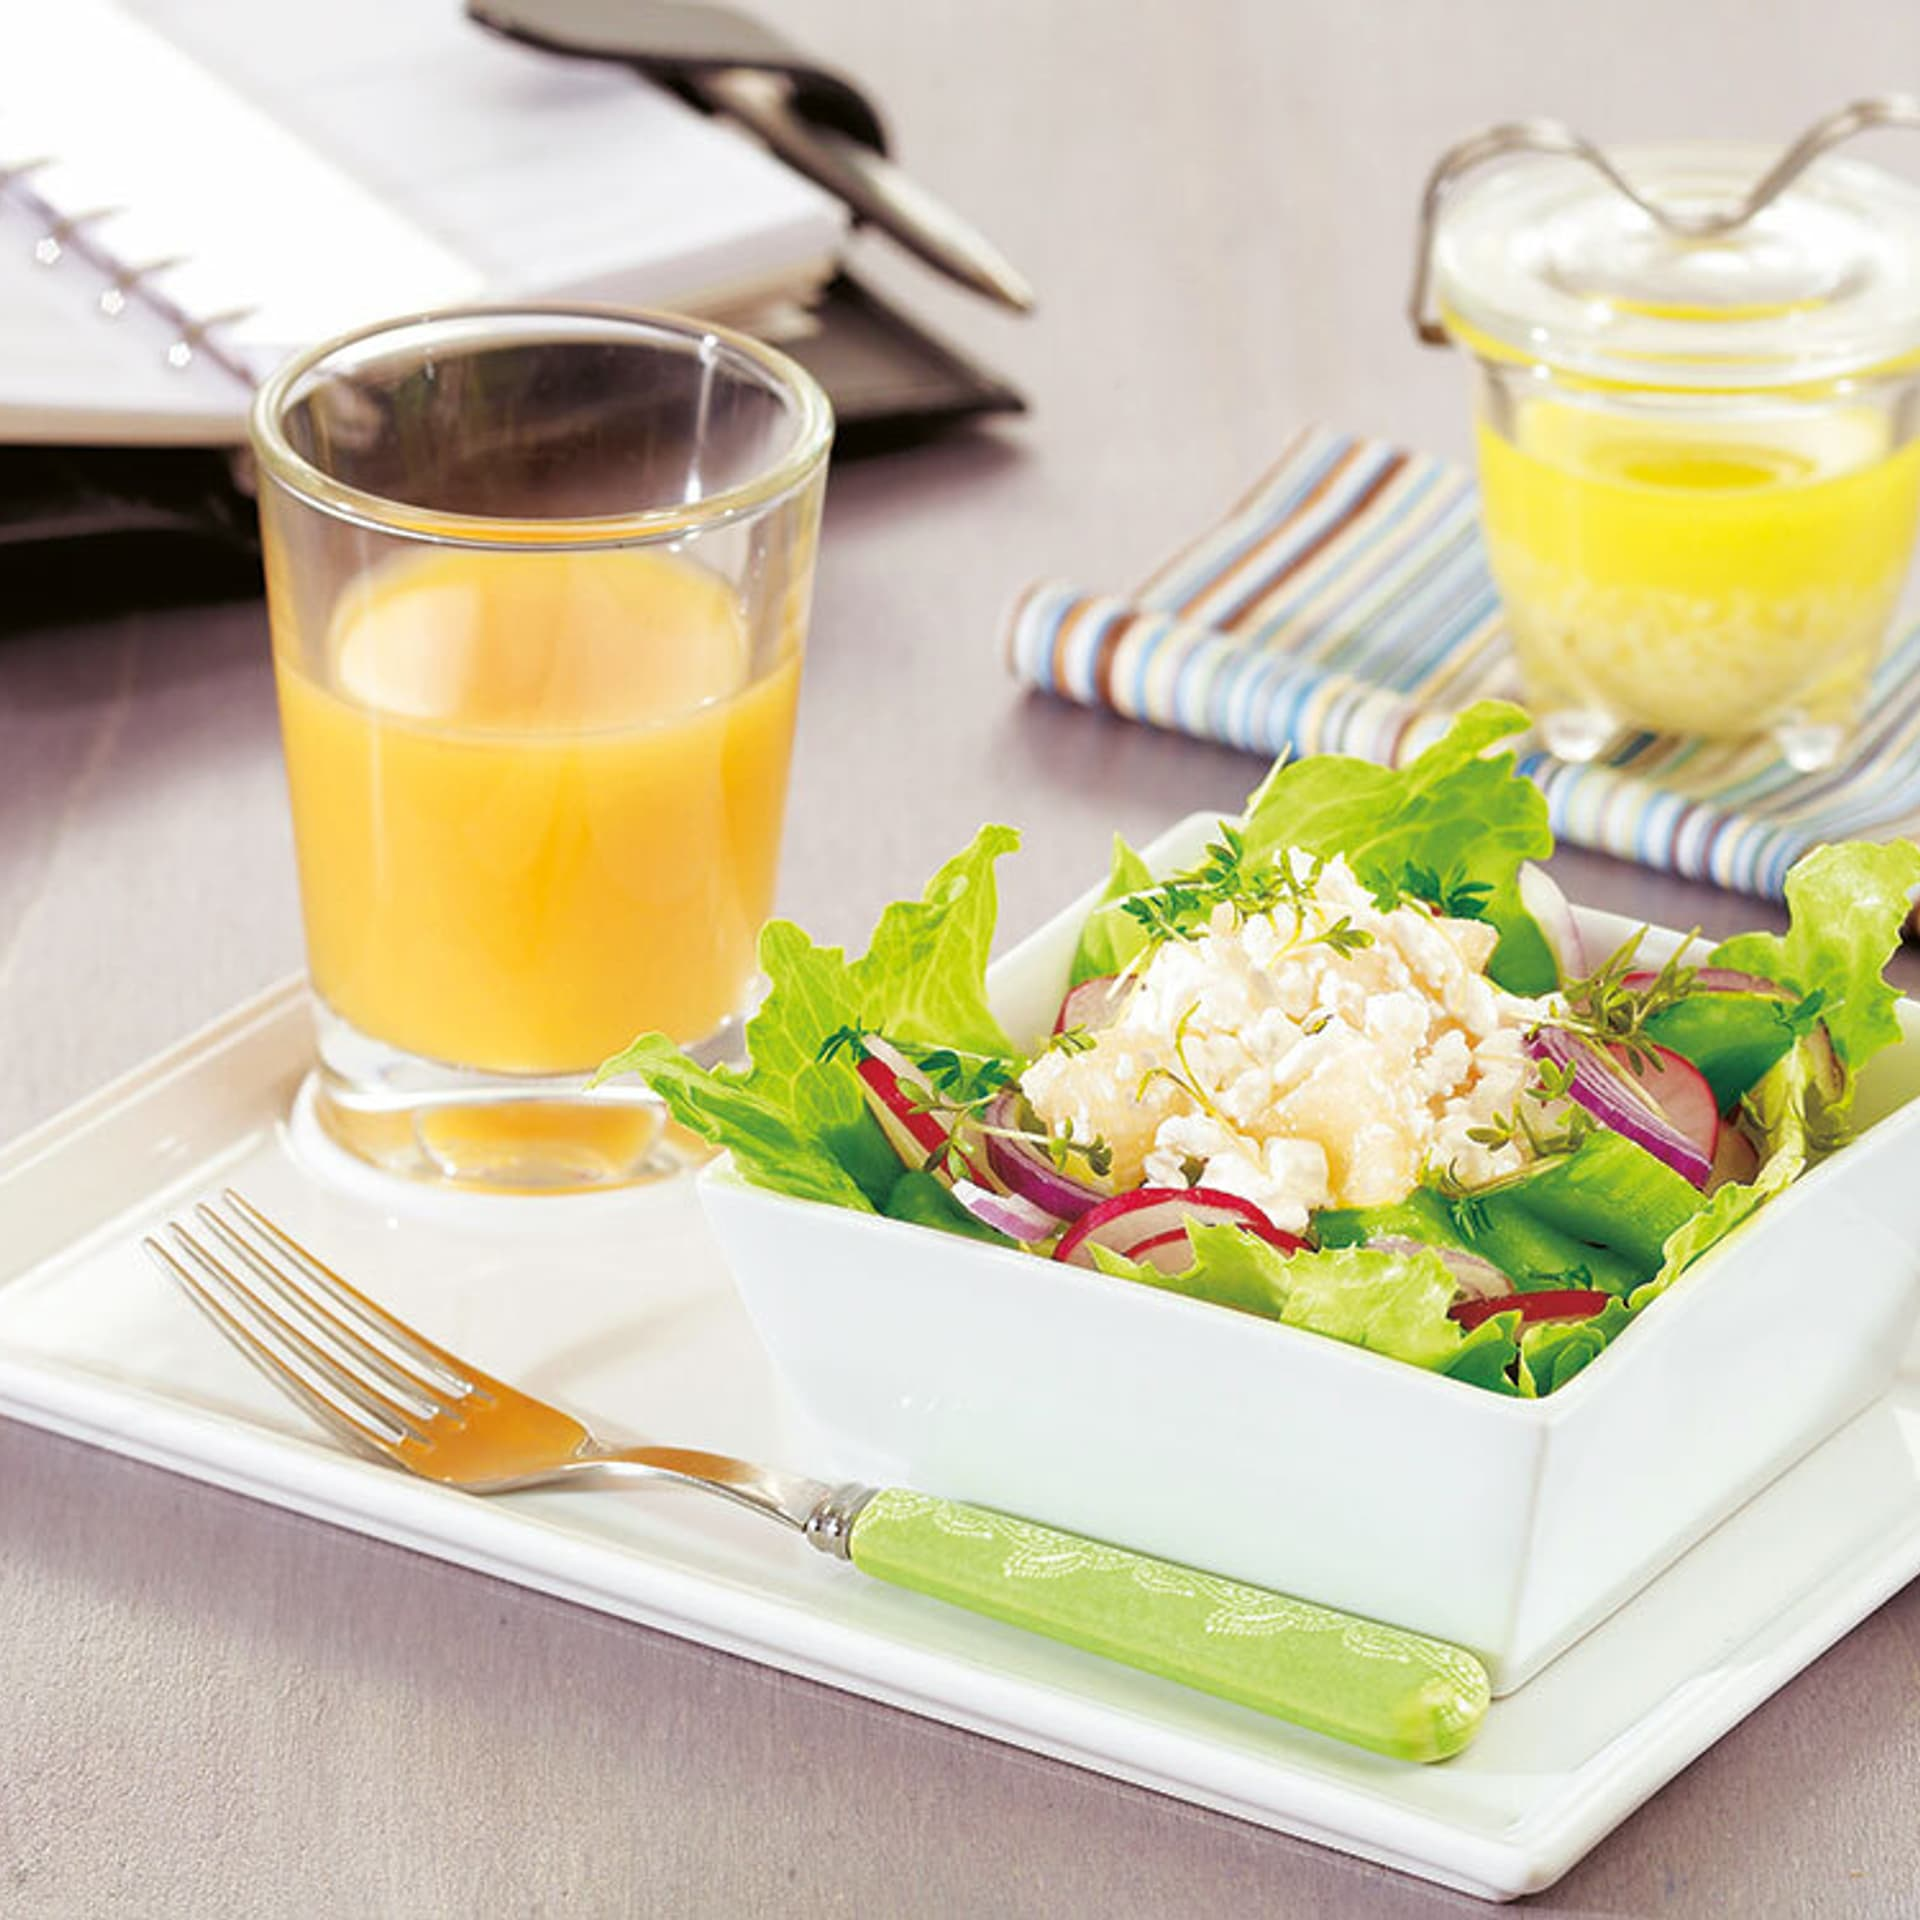 Bunter Salat mit Ananas